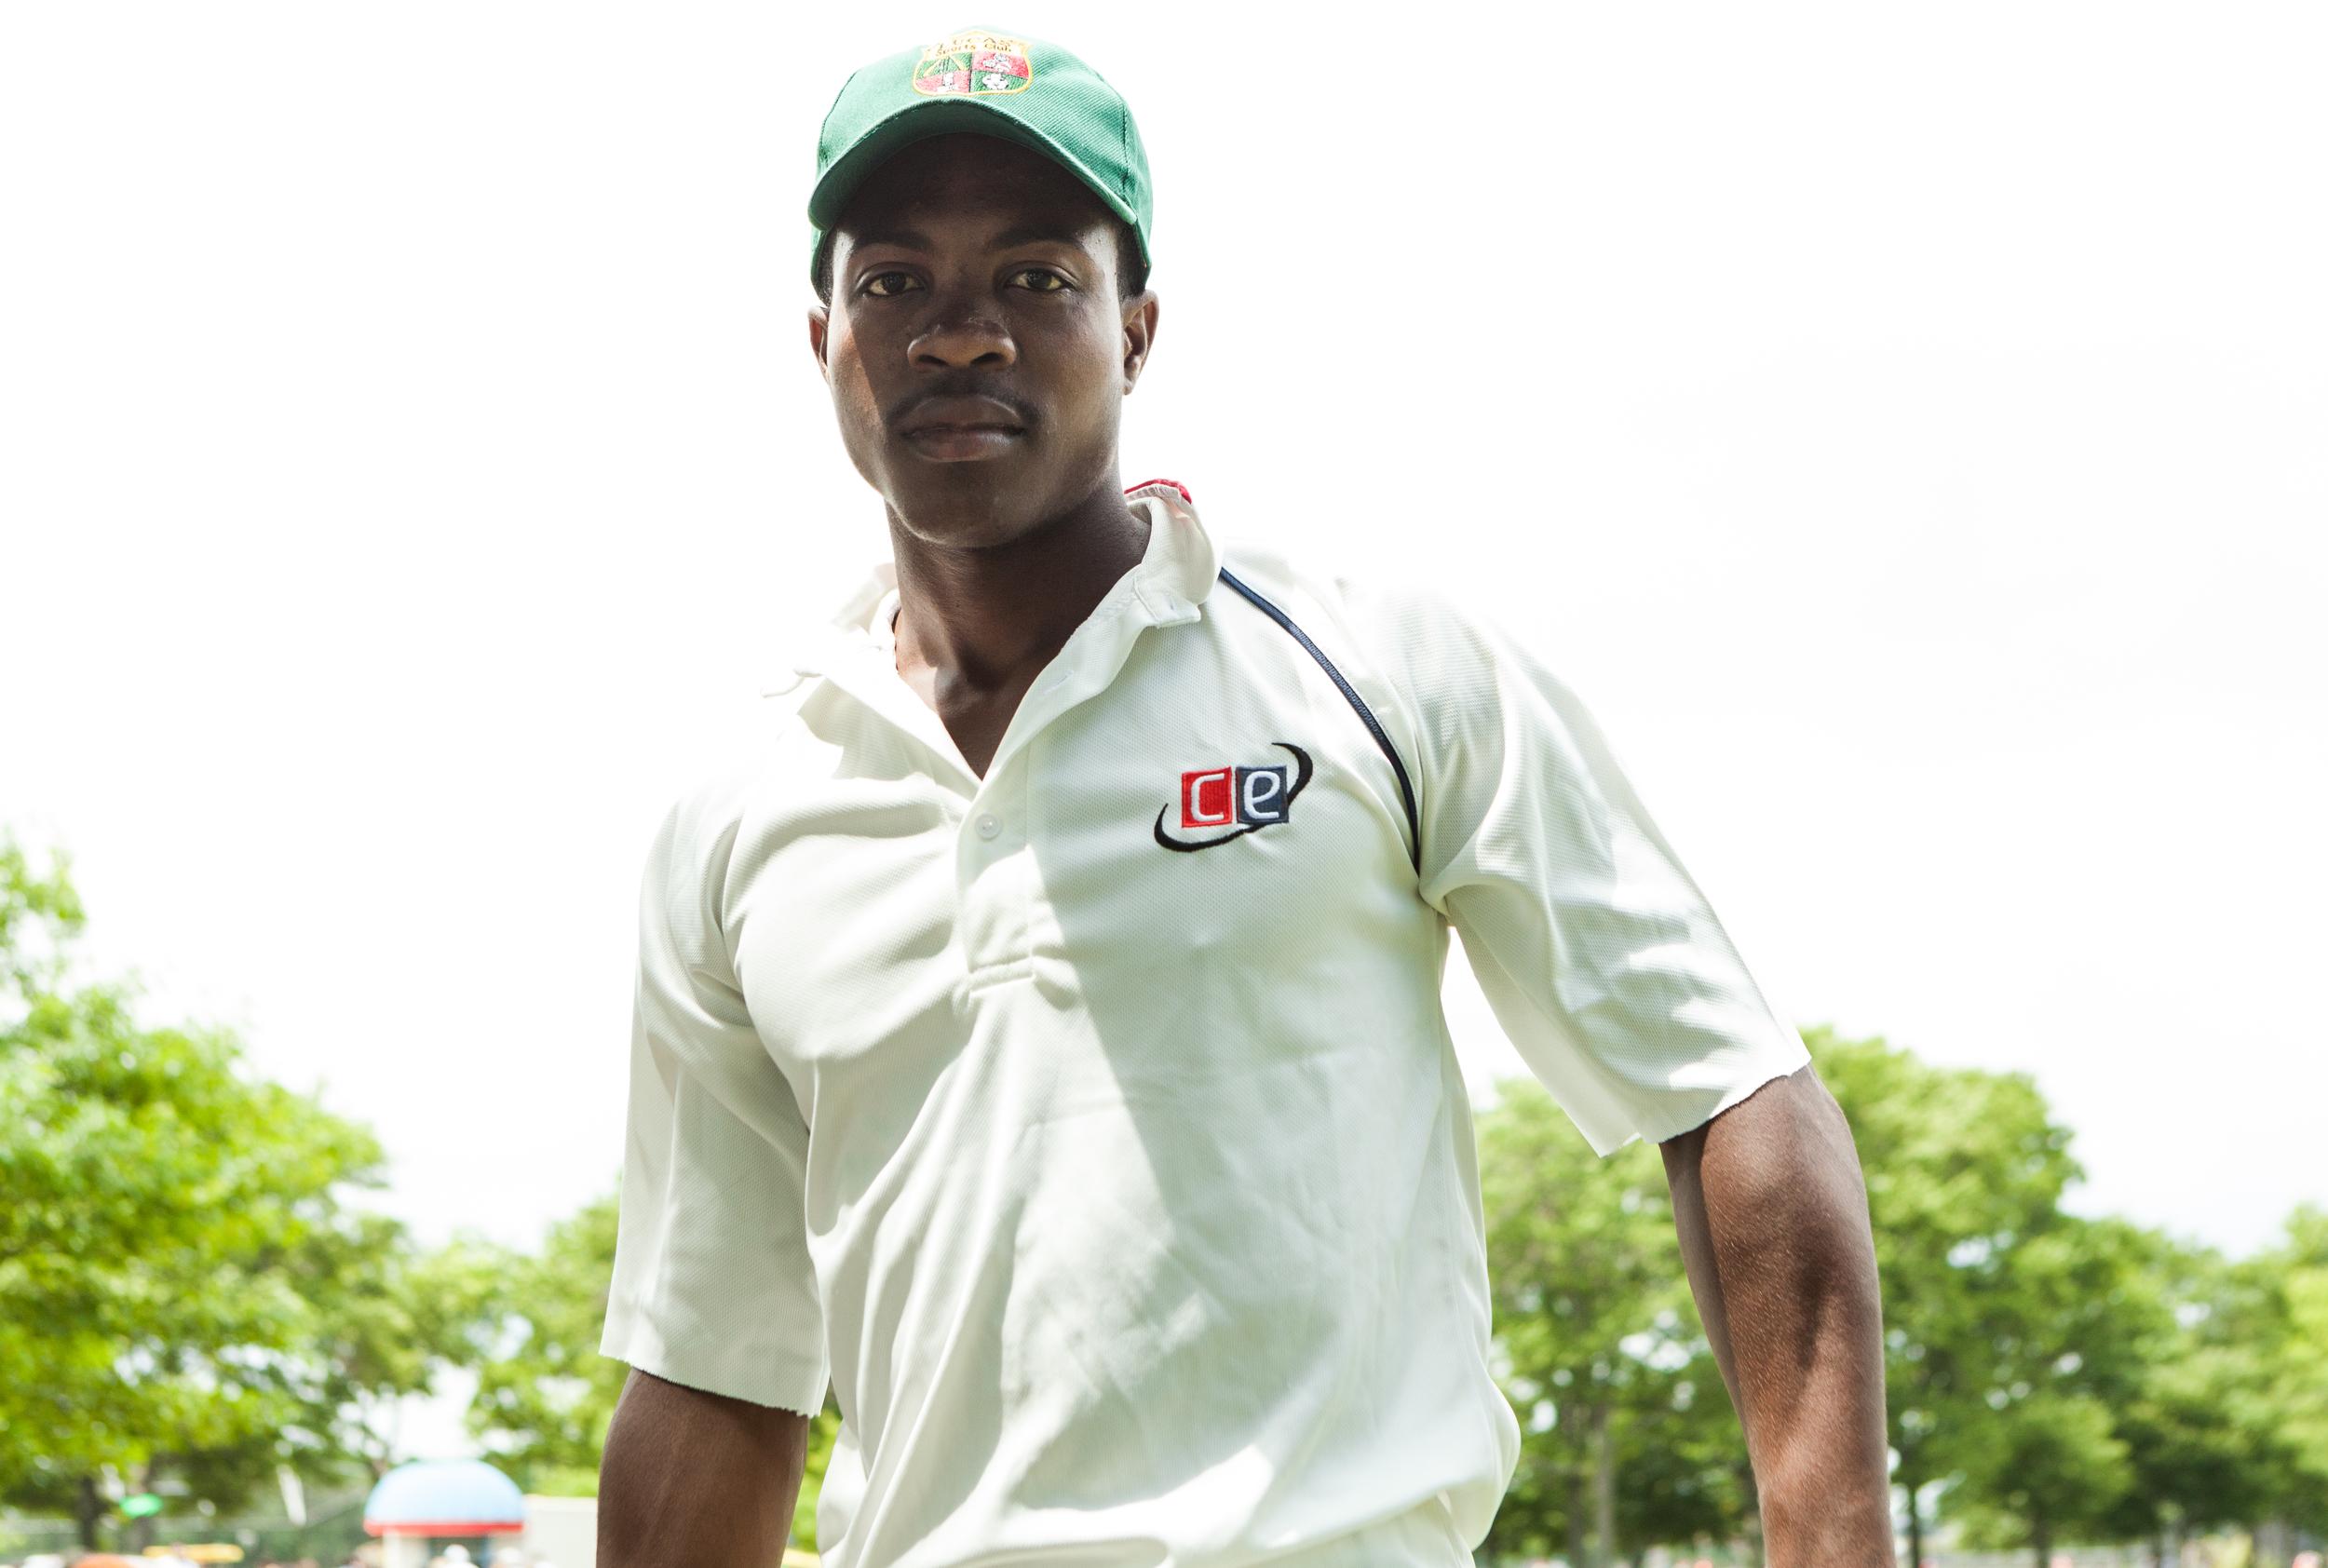 BKLYNR-Cricket-JasonBergman-007.jpg